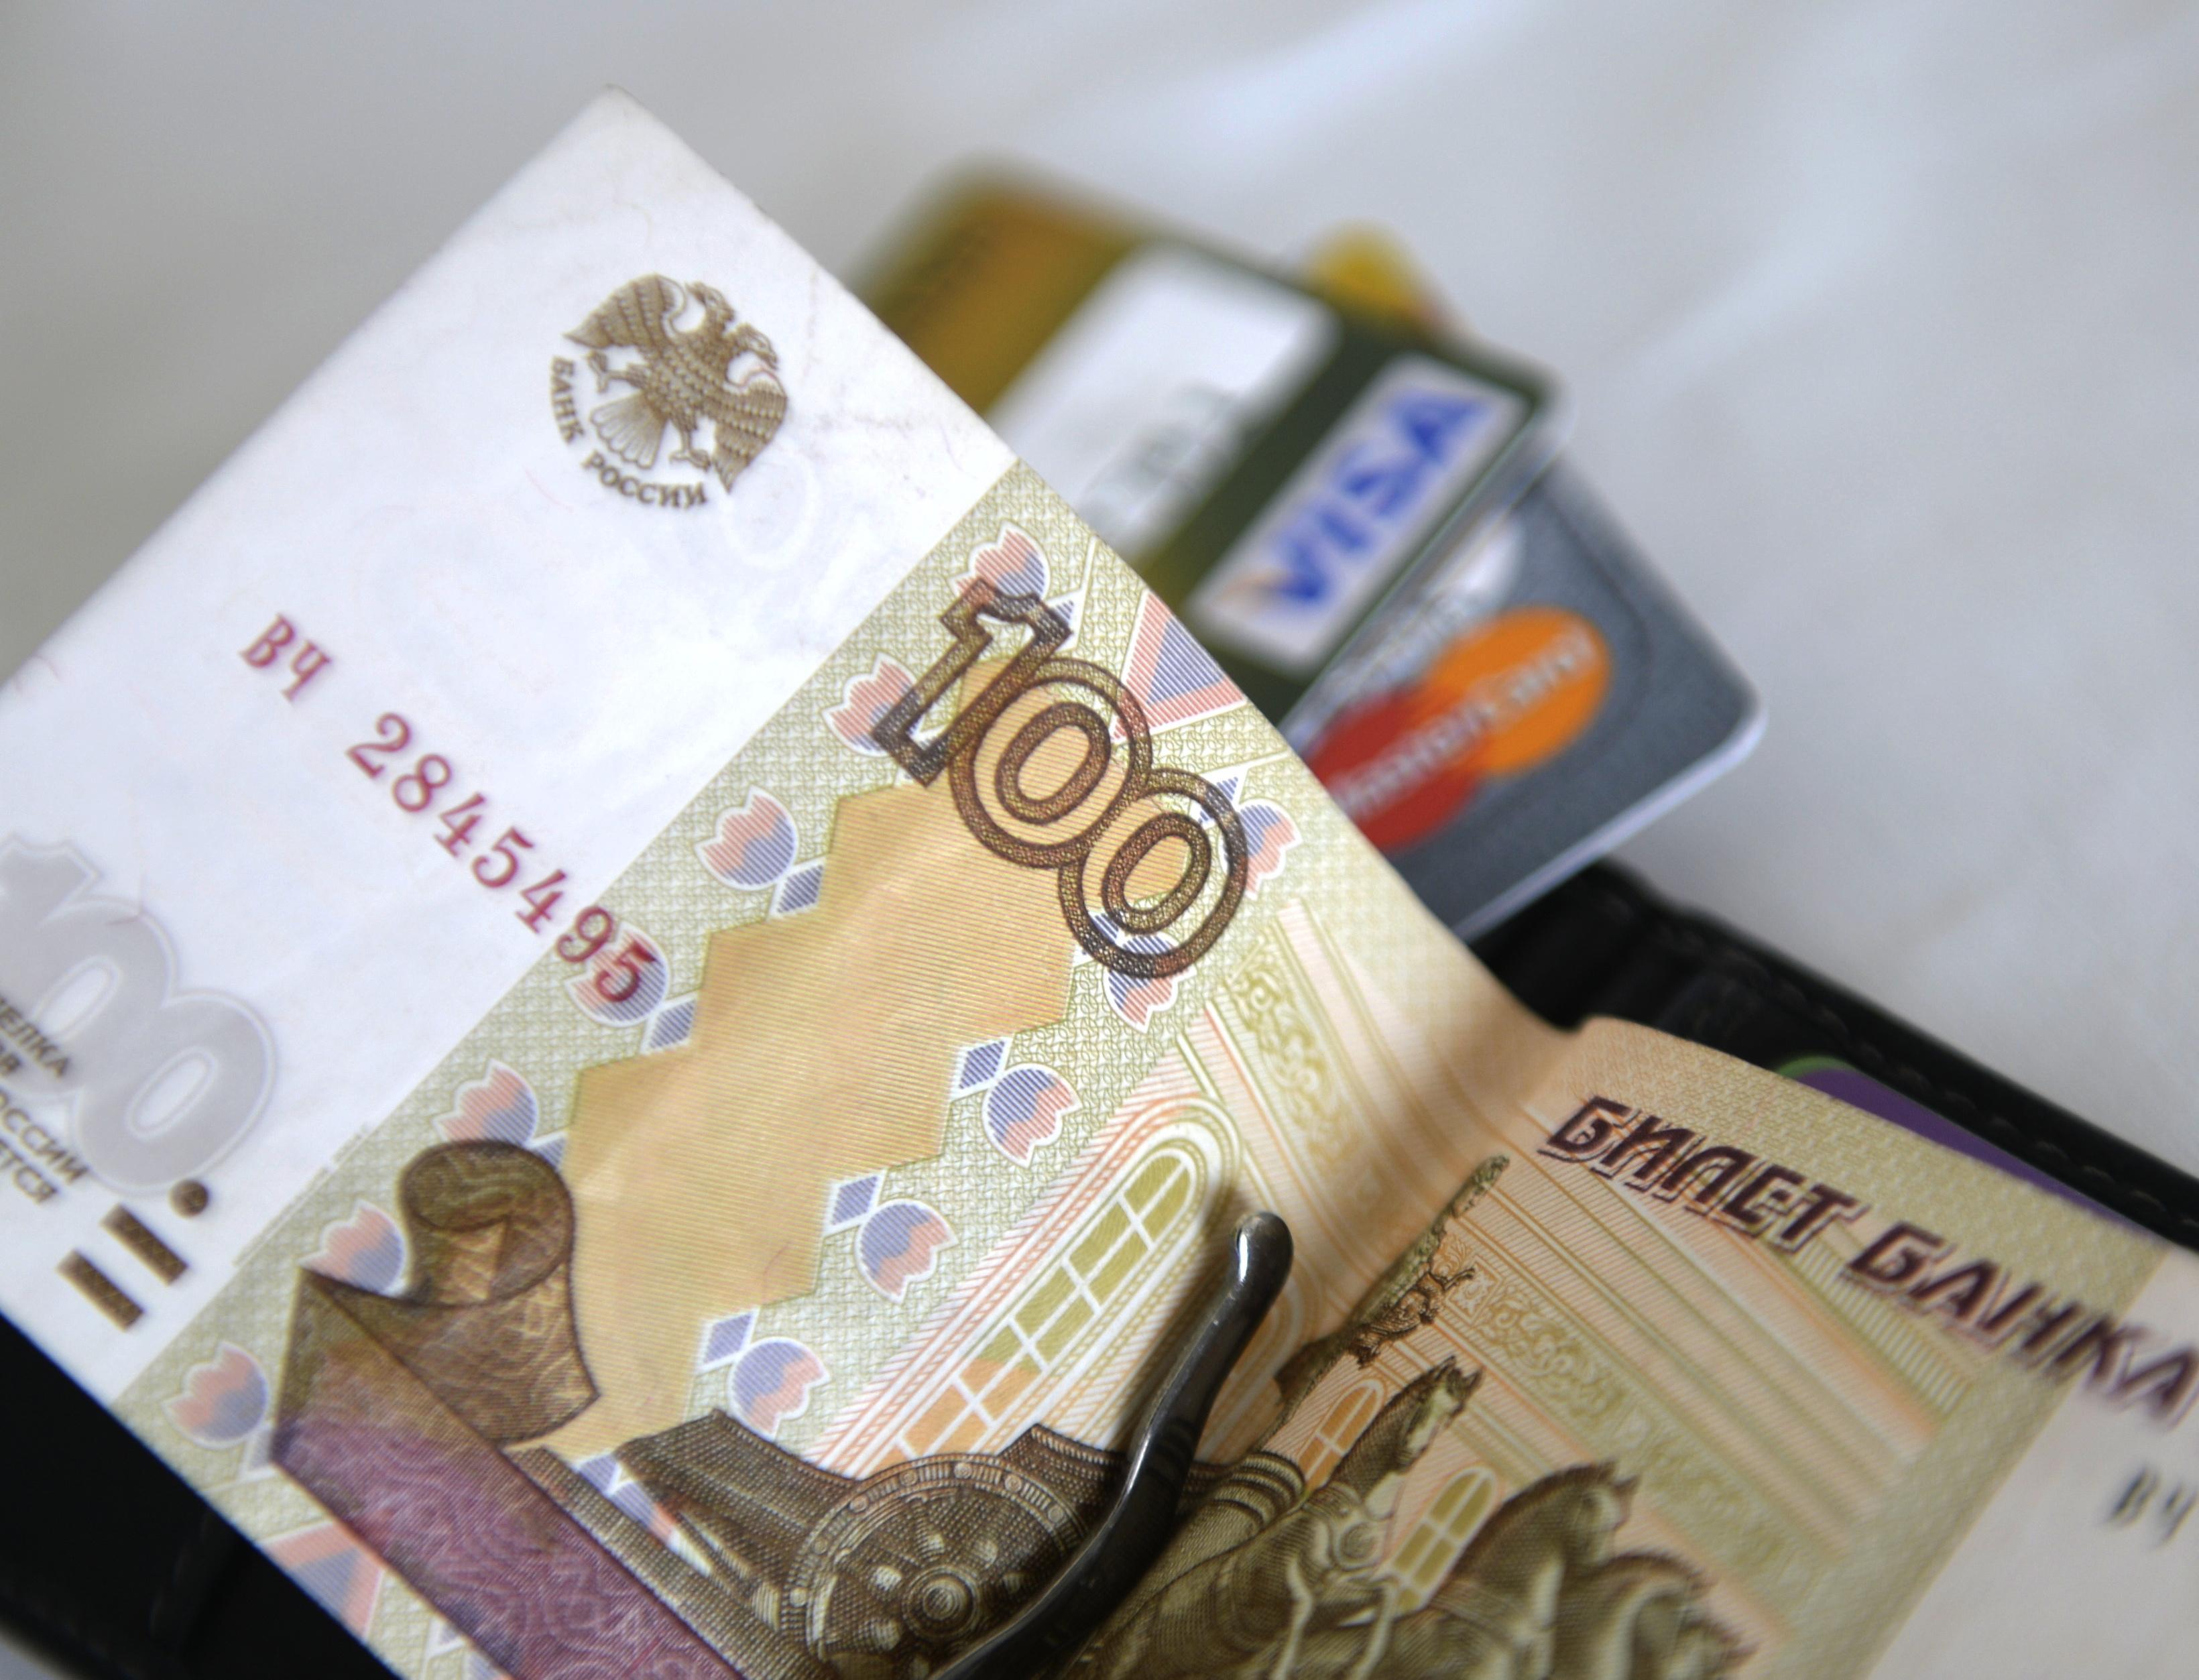 Нижегородца посадили на 12 суток из-за неуплаты штрафа в 100 рублей за утерю паспорта